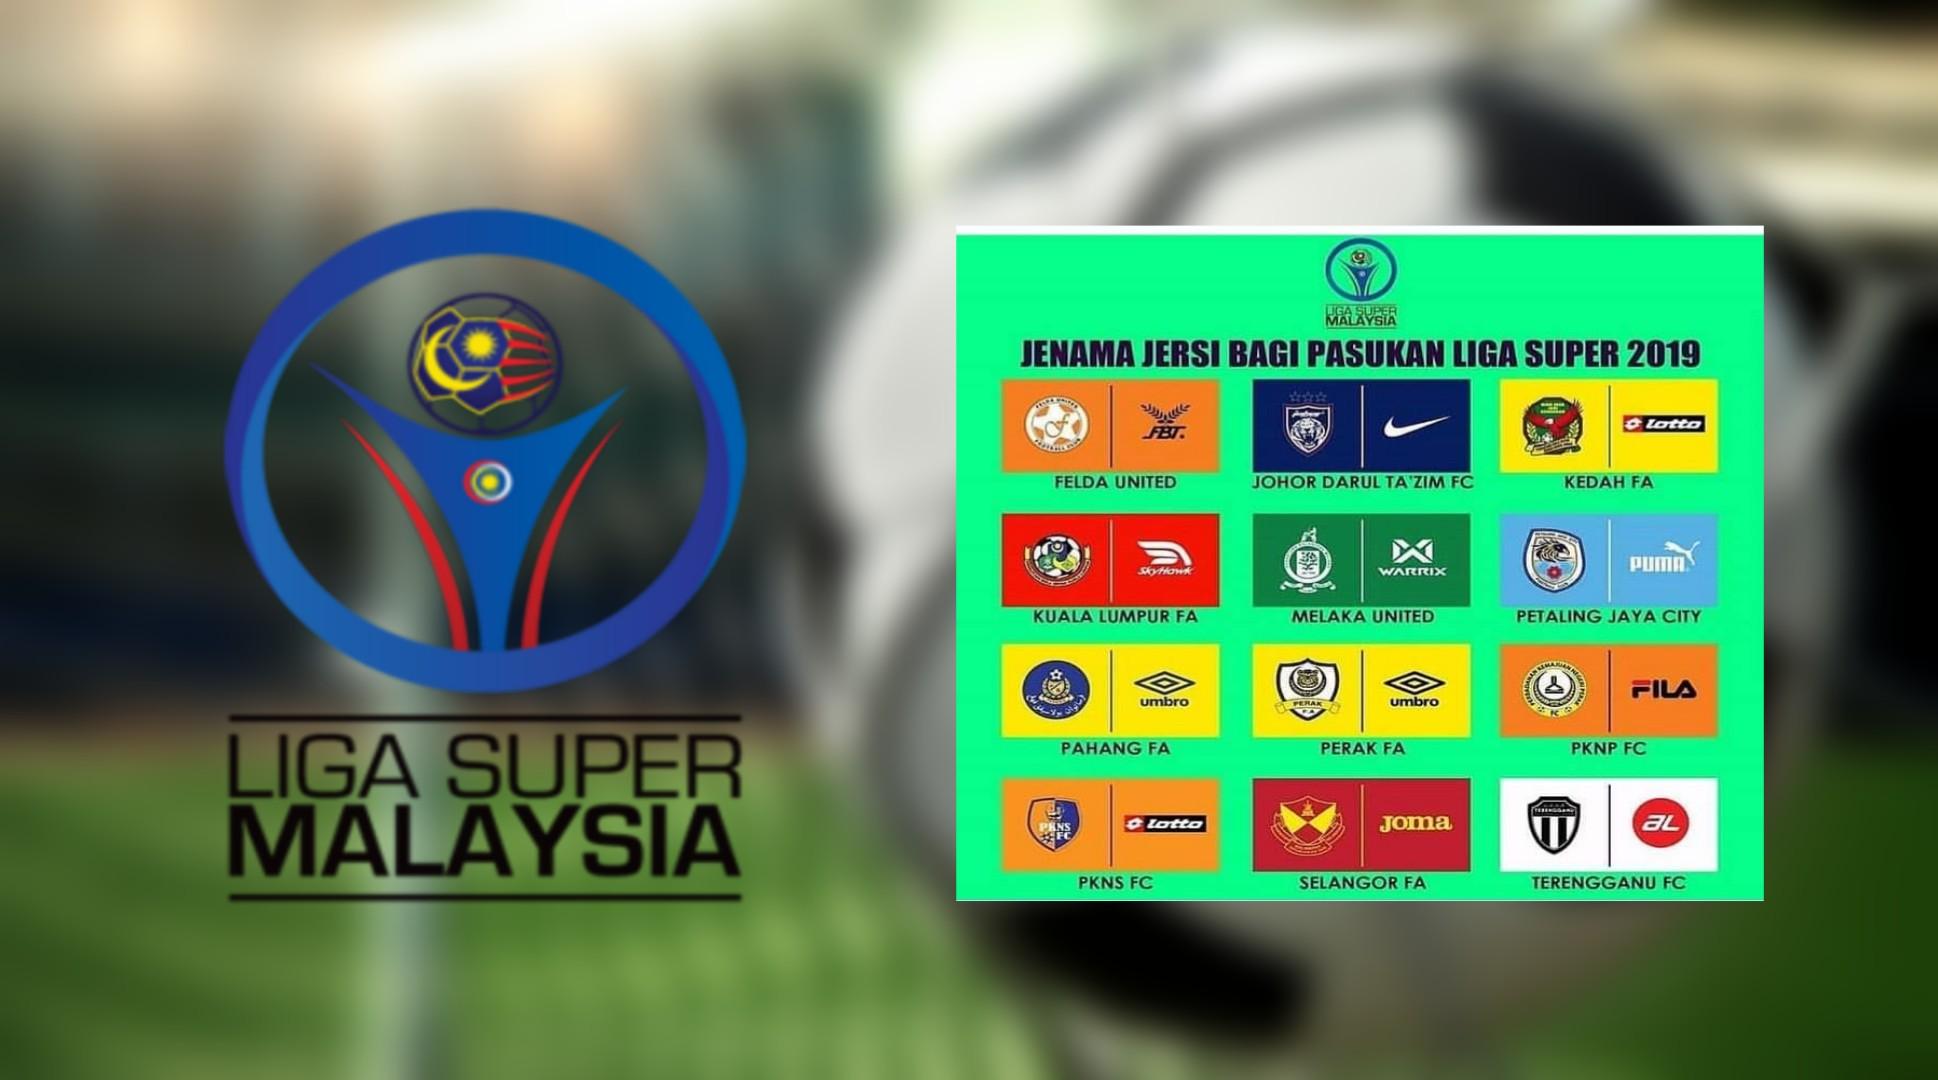 Jenama Jersi Pasukan Liga Super 2019